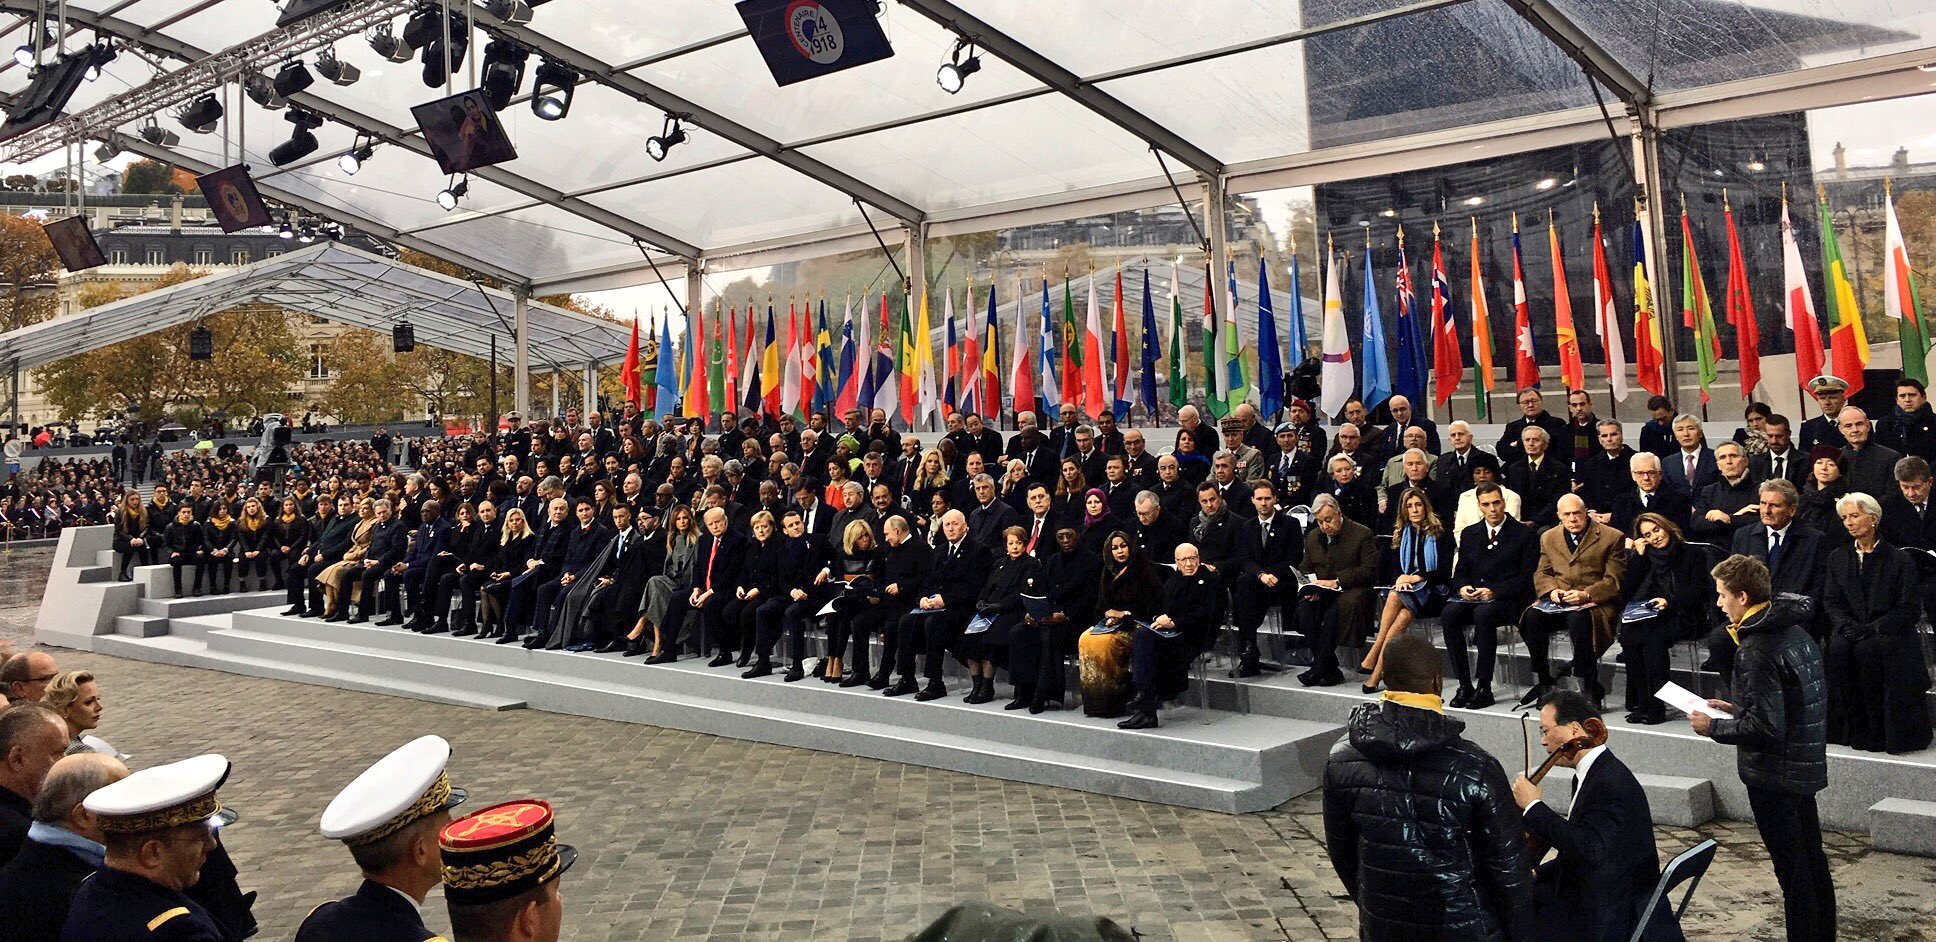 Мероприятия по поводу 100-летия окончания Первой мировой войны